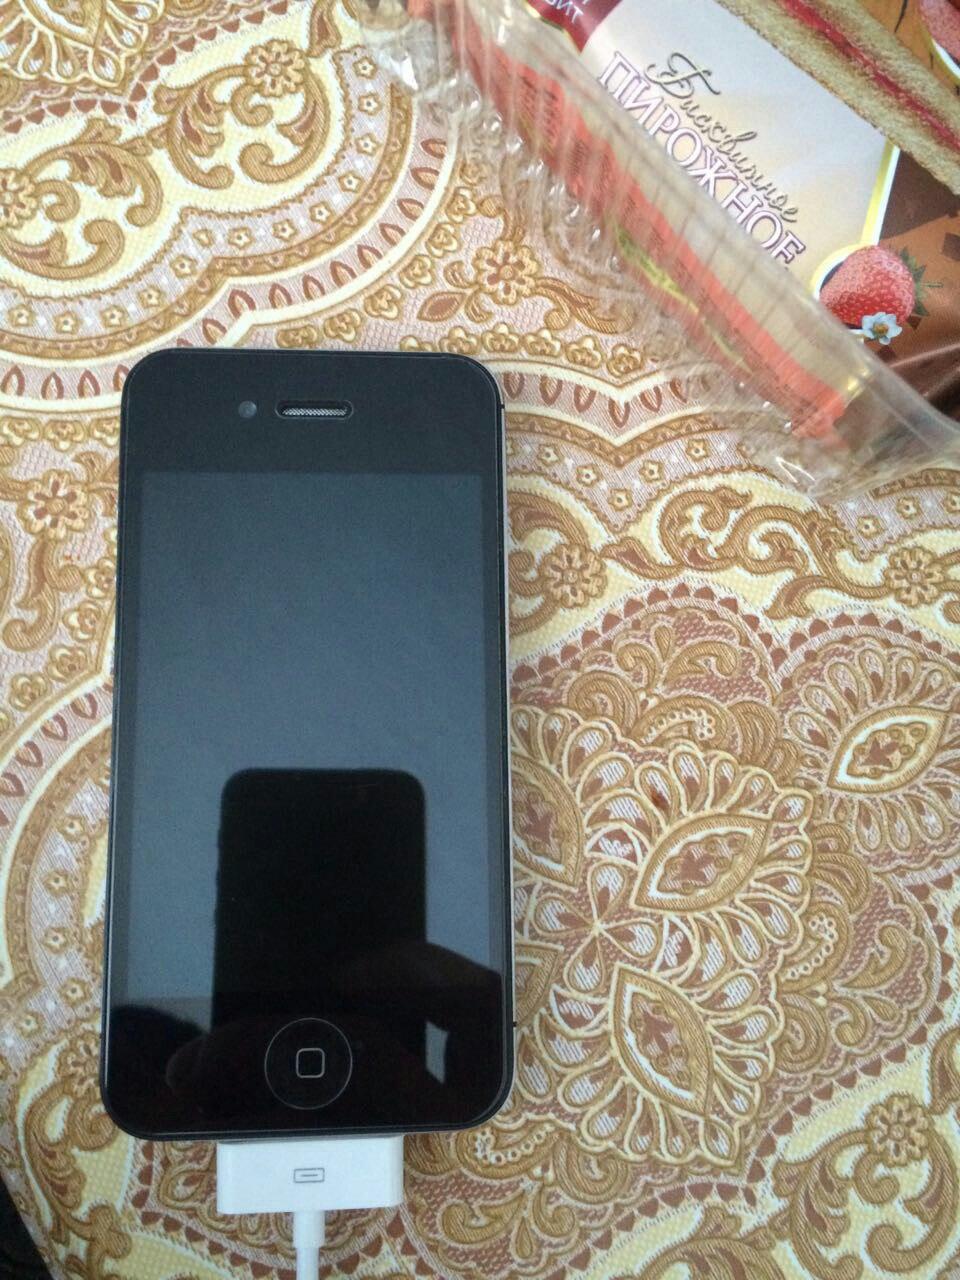 Продаю айфон 4с 32г брони с двух старон, идеально работает, с ценой договоримся пишите в лс